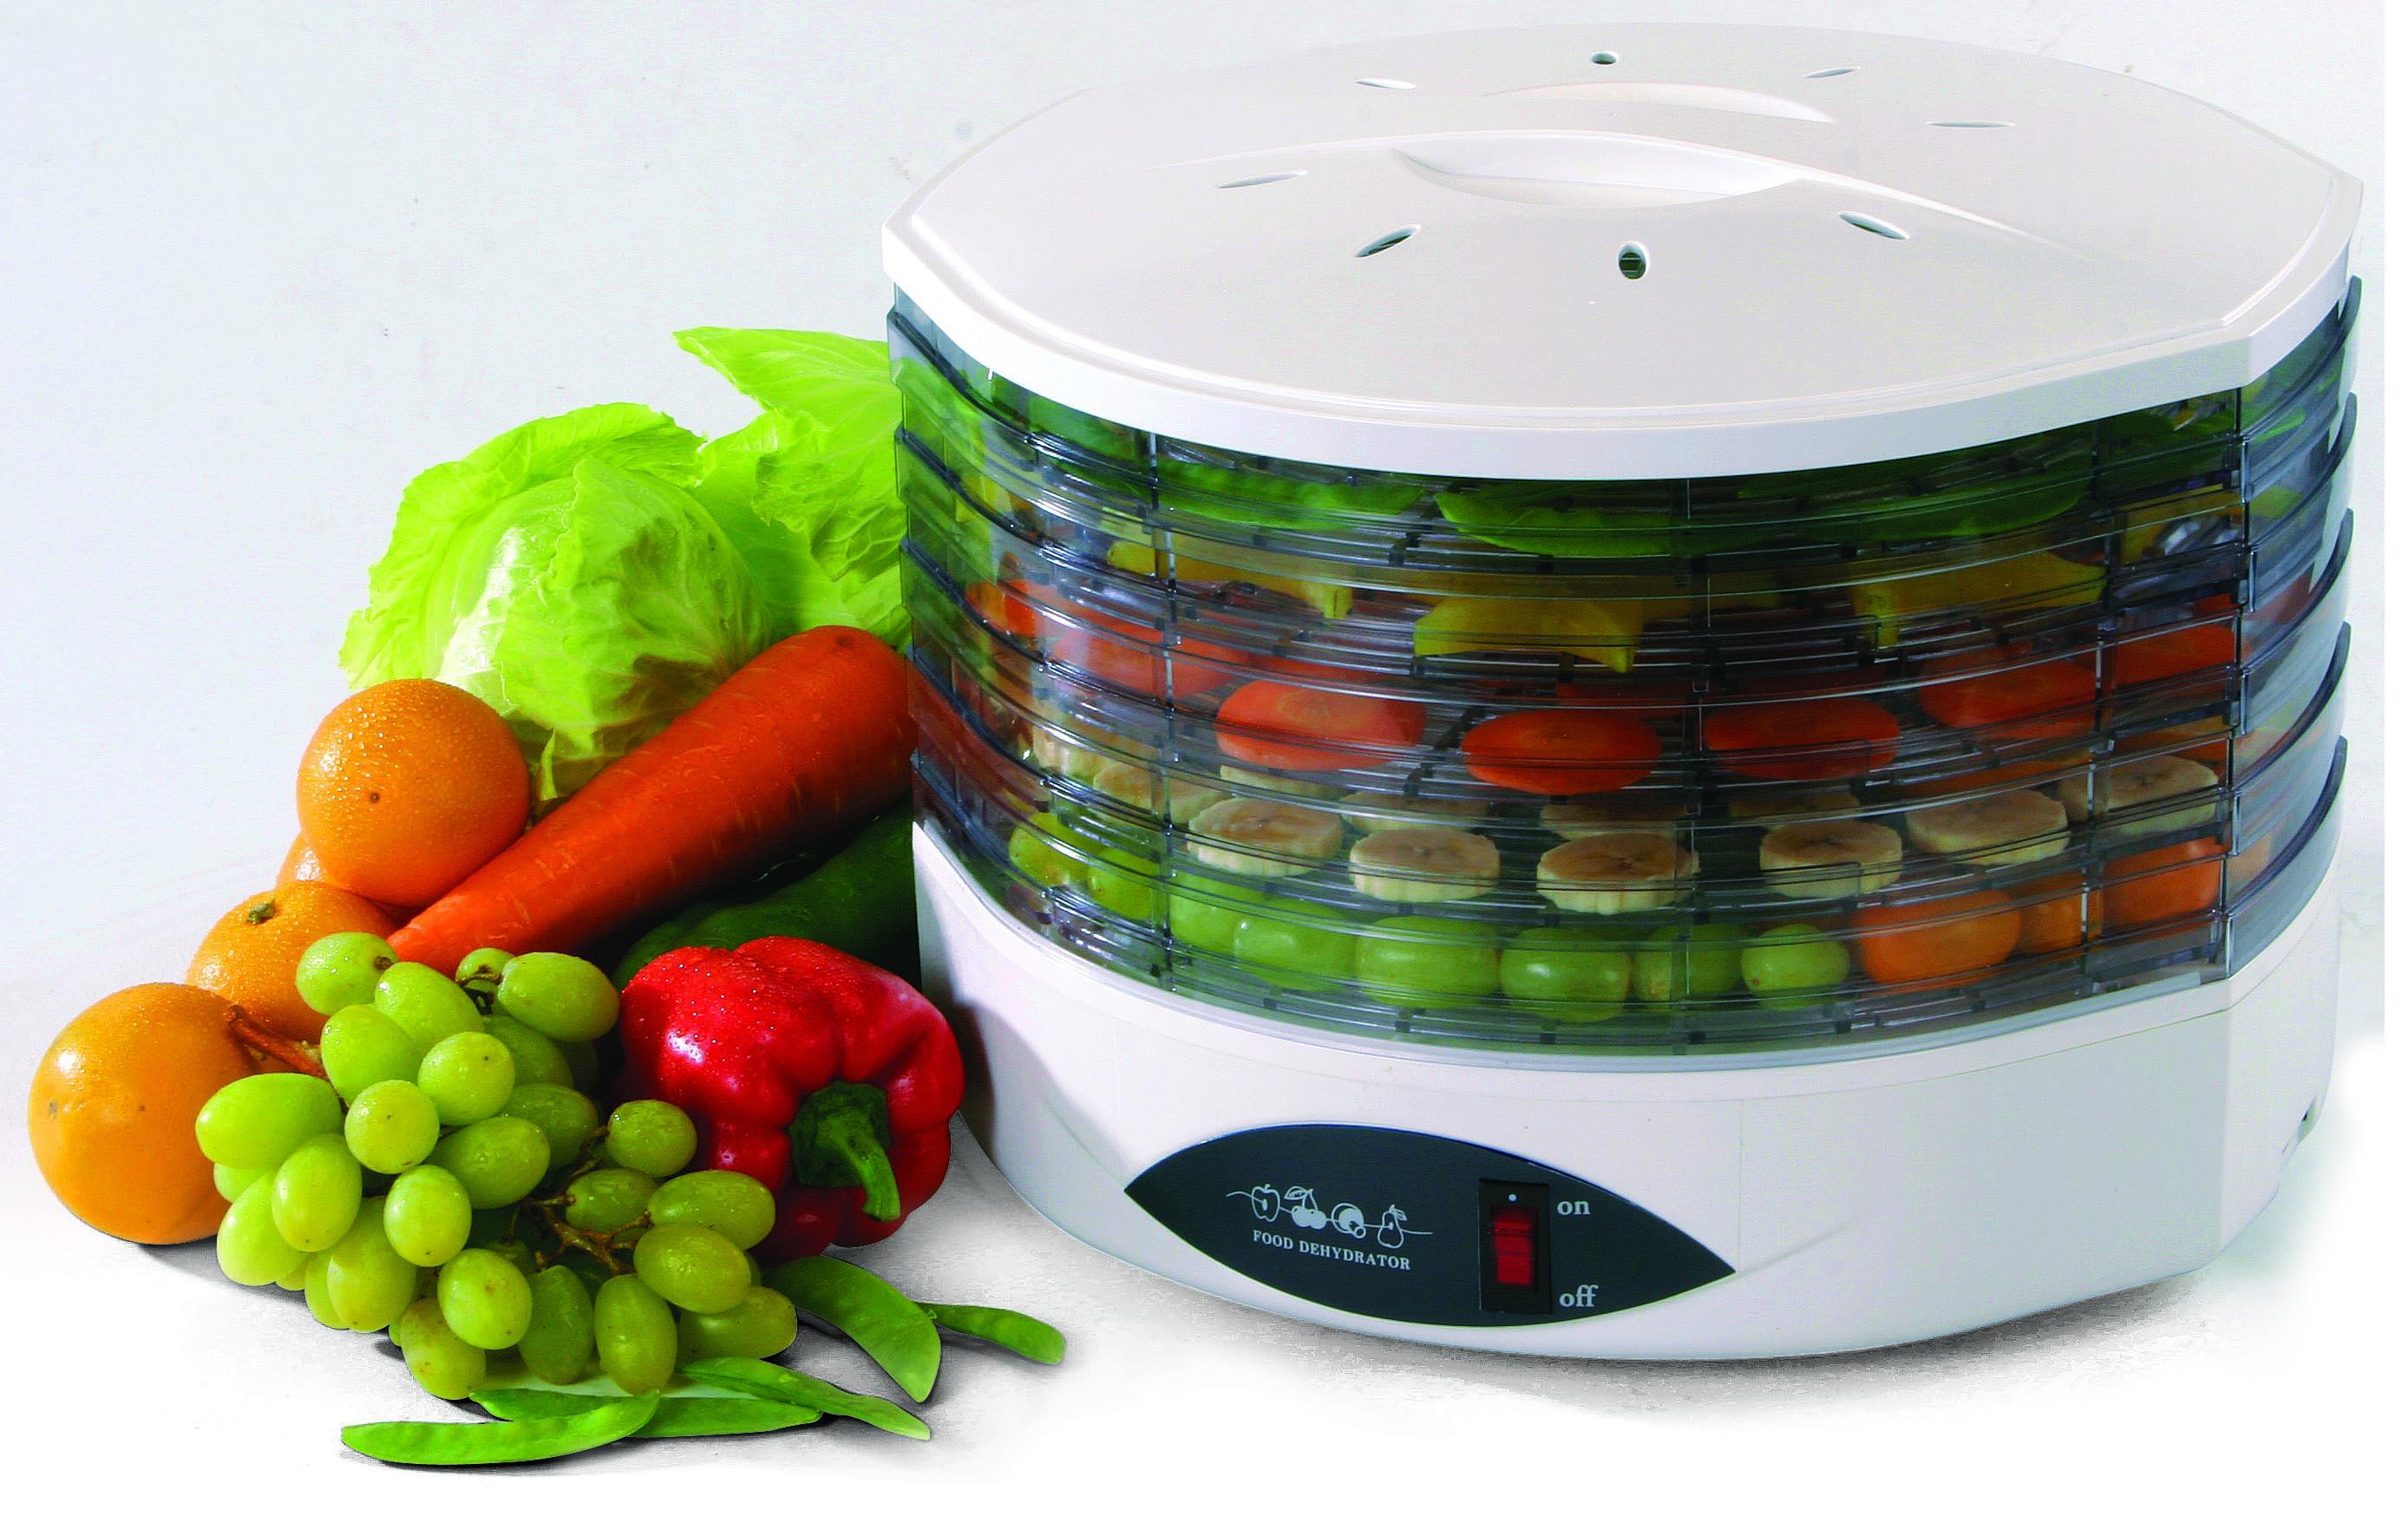 Сравнительный анализ сушилок для фруктов и овощей